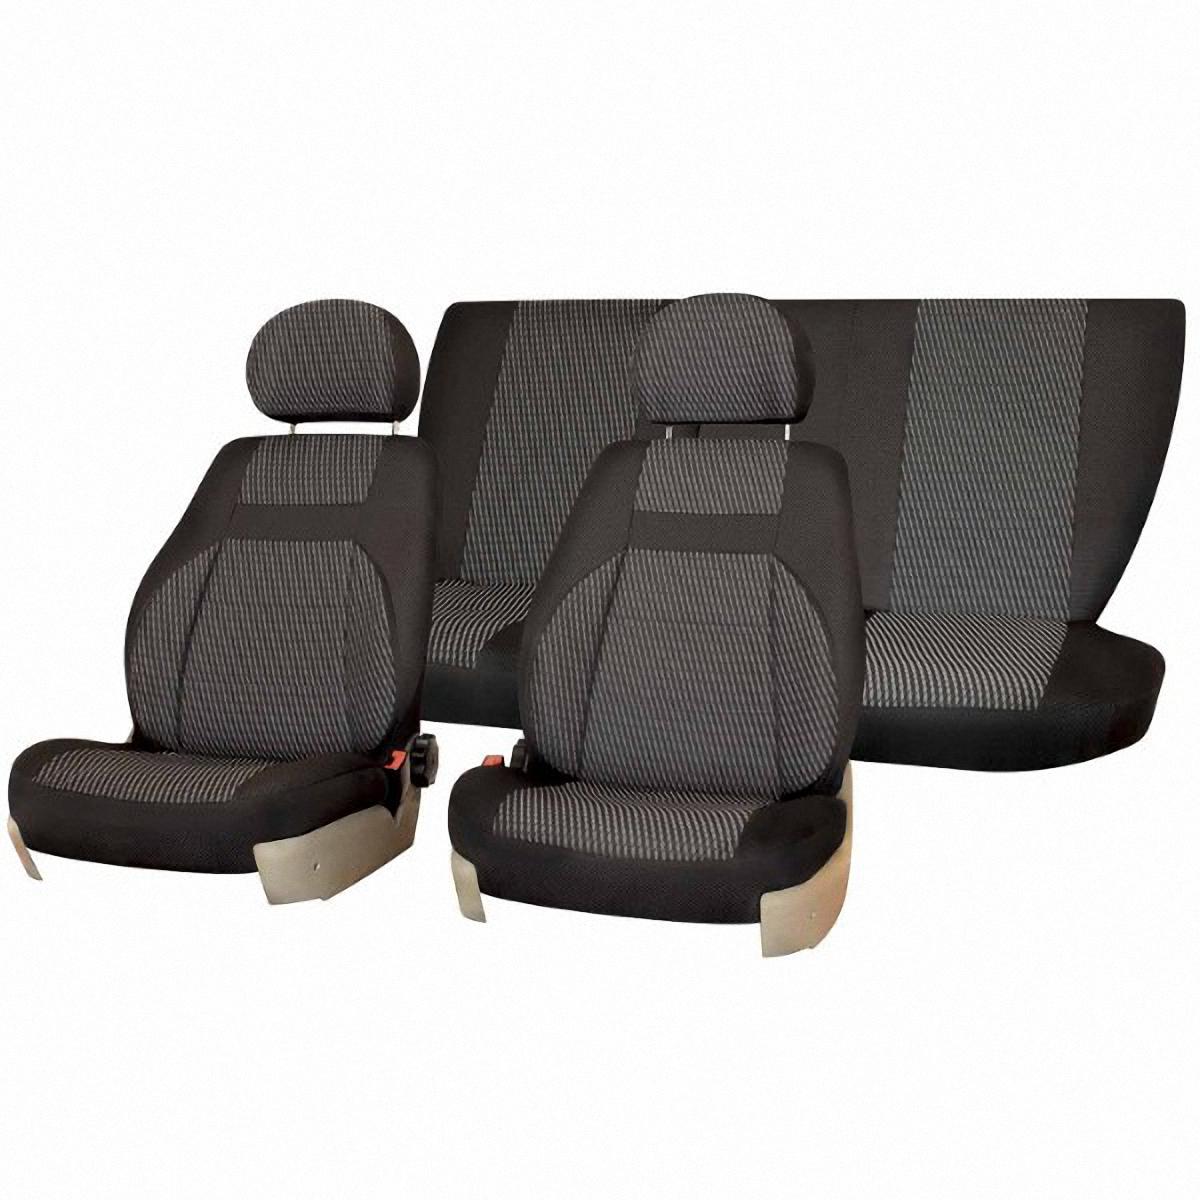 Чехлы автомобильные Skyway, для Lada Kalina 2004-2013, цвет: темно-серыйV003-D2Автомобильные чехлы Skyway изготовлены из качественного жаккарда. Чехлы идеально повторяют штатную форму сидений и выглядят как оригинальная обивка сидений. Разработаны индивидуально для каждой модели автомобиля. Авточехлы Skyway просты в уходе - загрязнения легко удаляются влажной тканью. Чехлы имеют раздельную схему надевания. В комплекте 12 предметов.